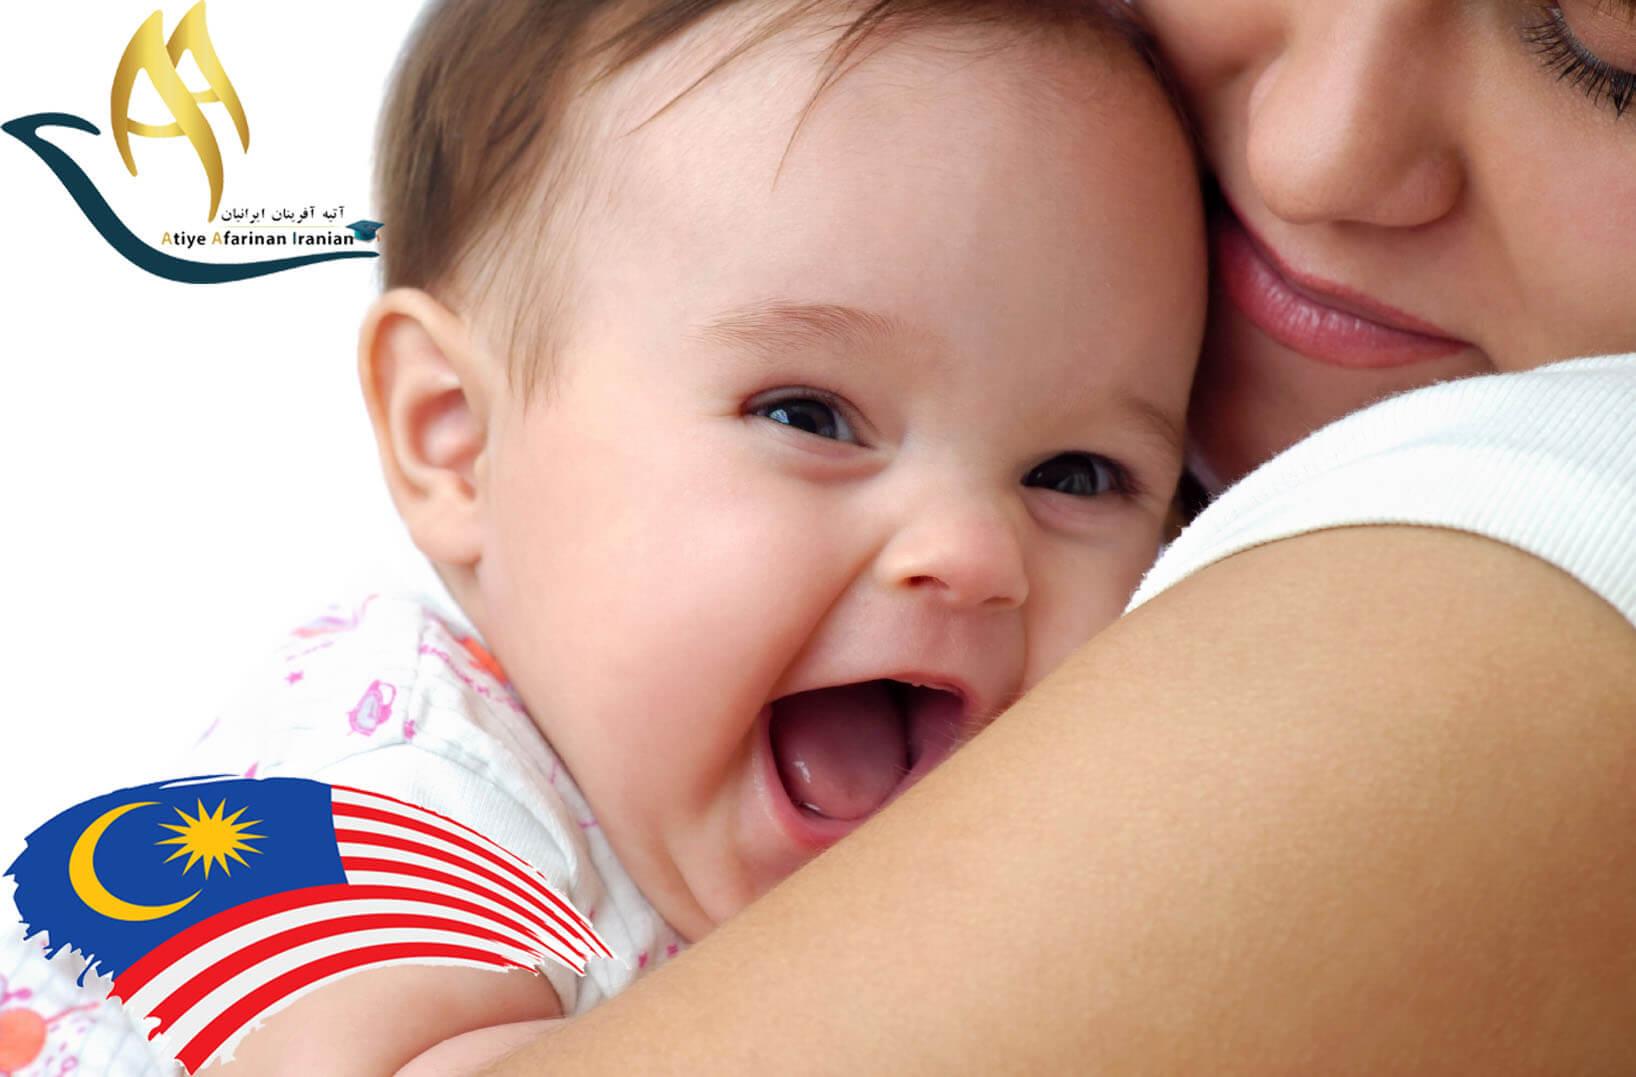 مهاجرت به مالزی از طریق تولد فرزند